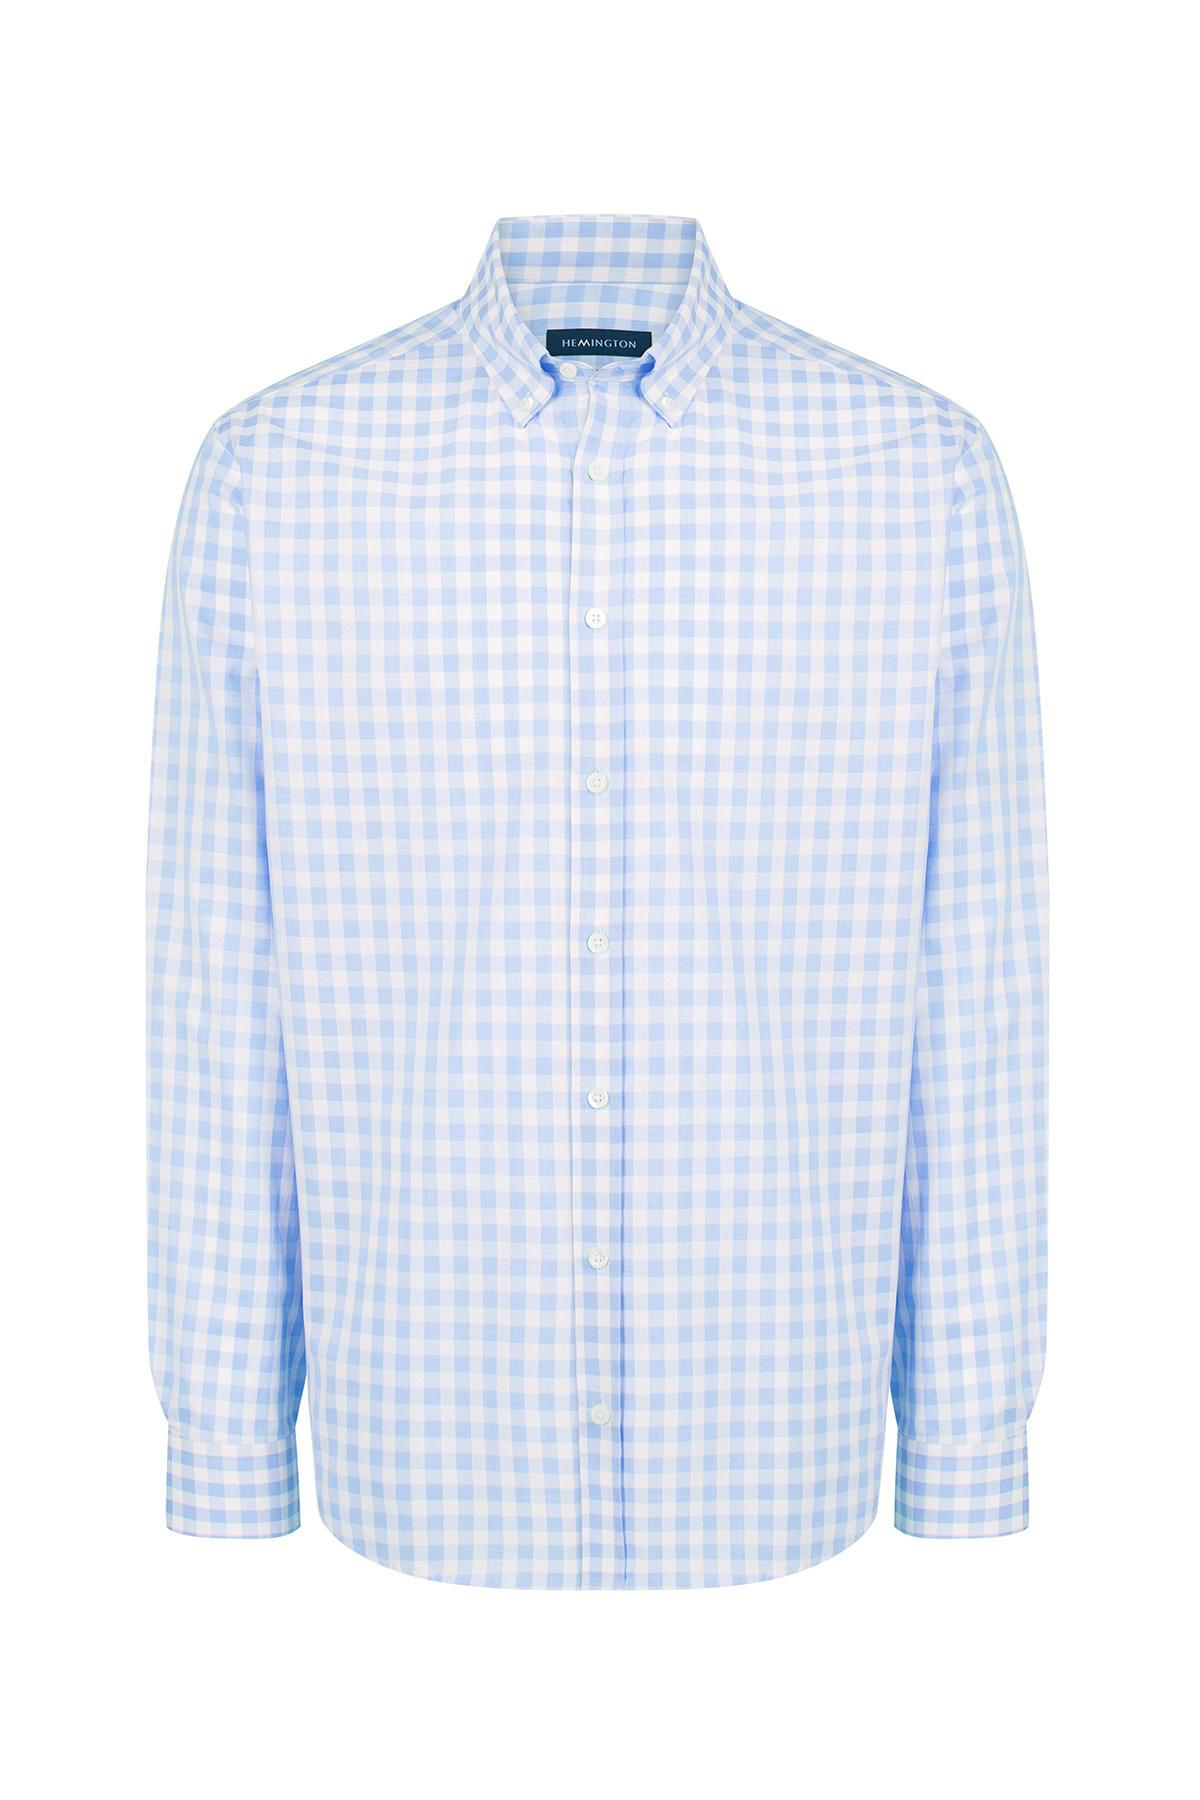 Mavi Beyaz Kareli Spor Superfine Pamuk Gömlek